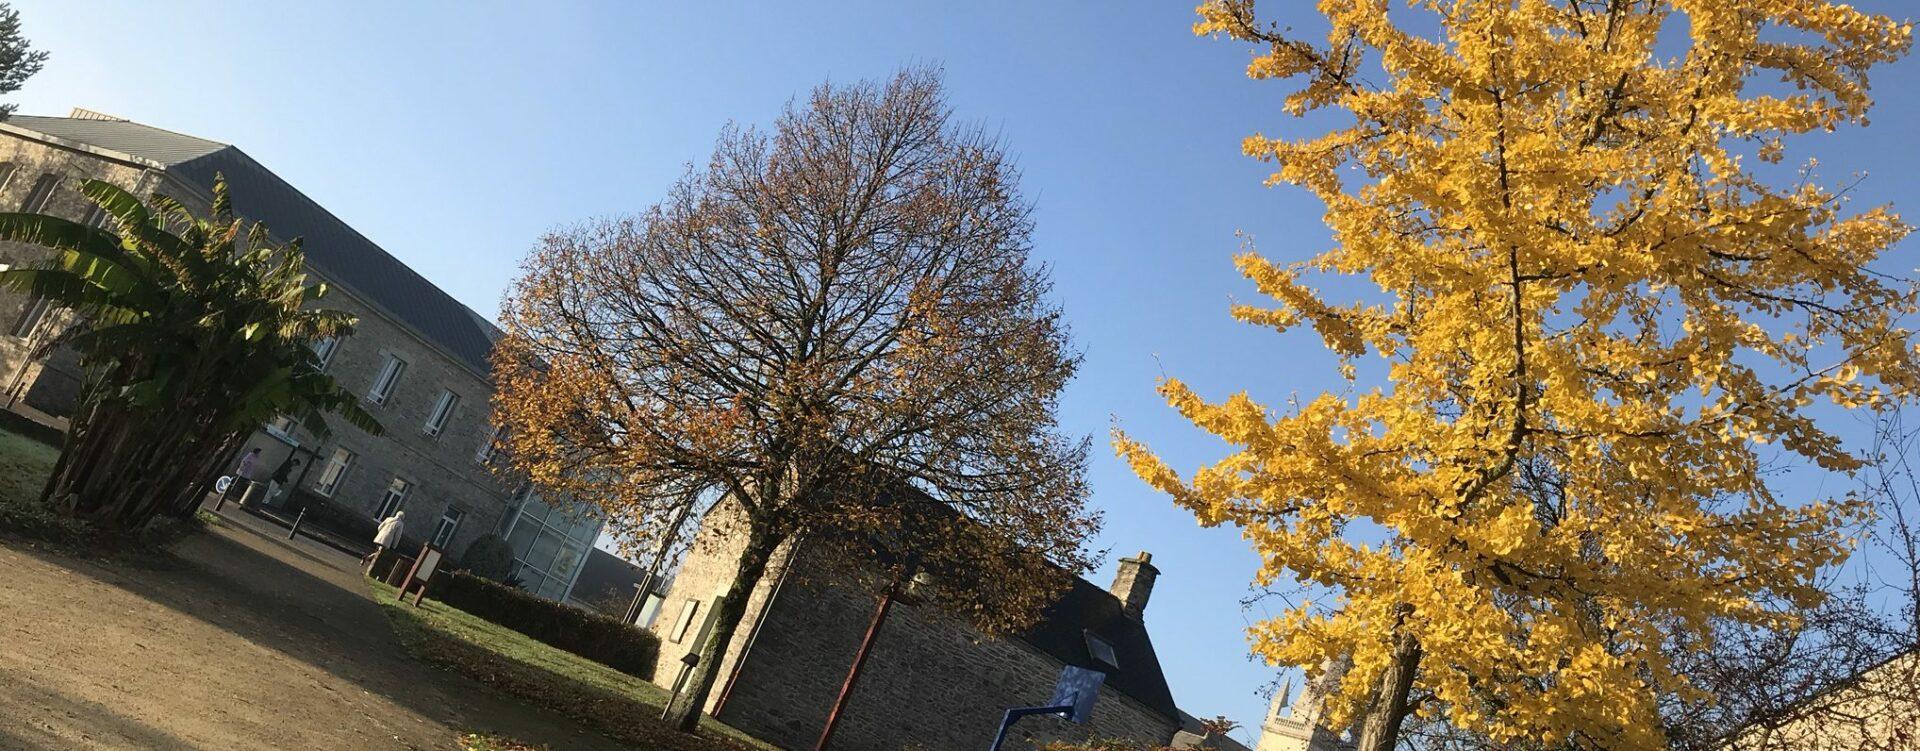 Mairie_automne